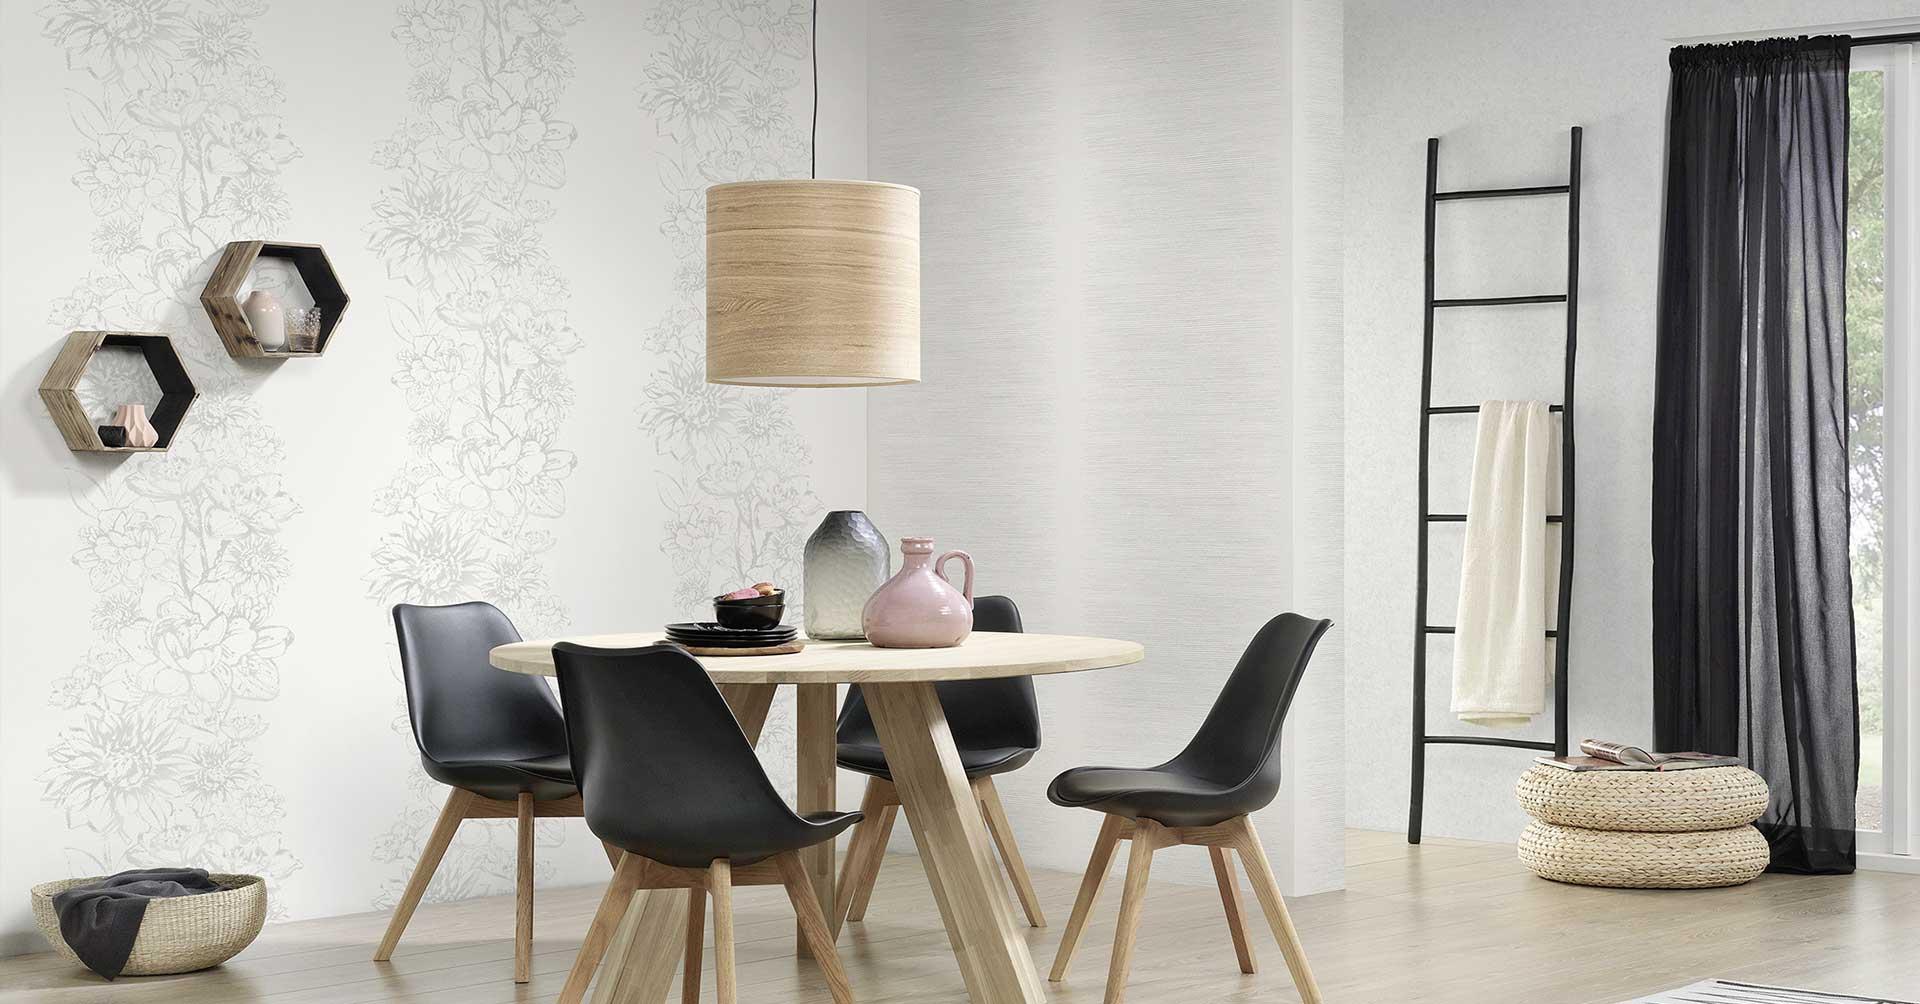 Raum Decor Haaß - Innovative Einrichtungsideen für Heim & Gewerbe